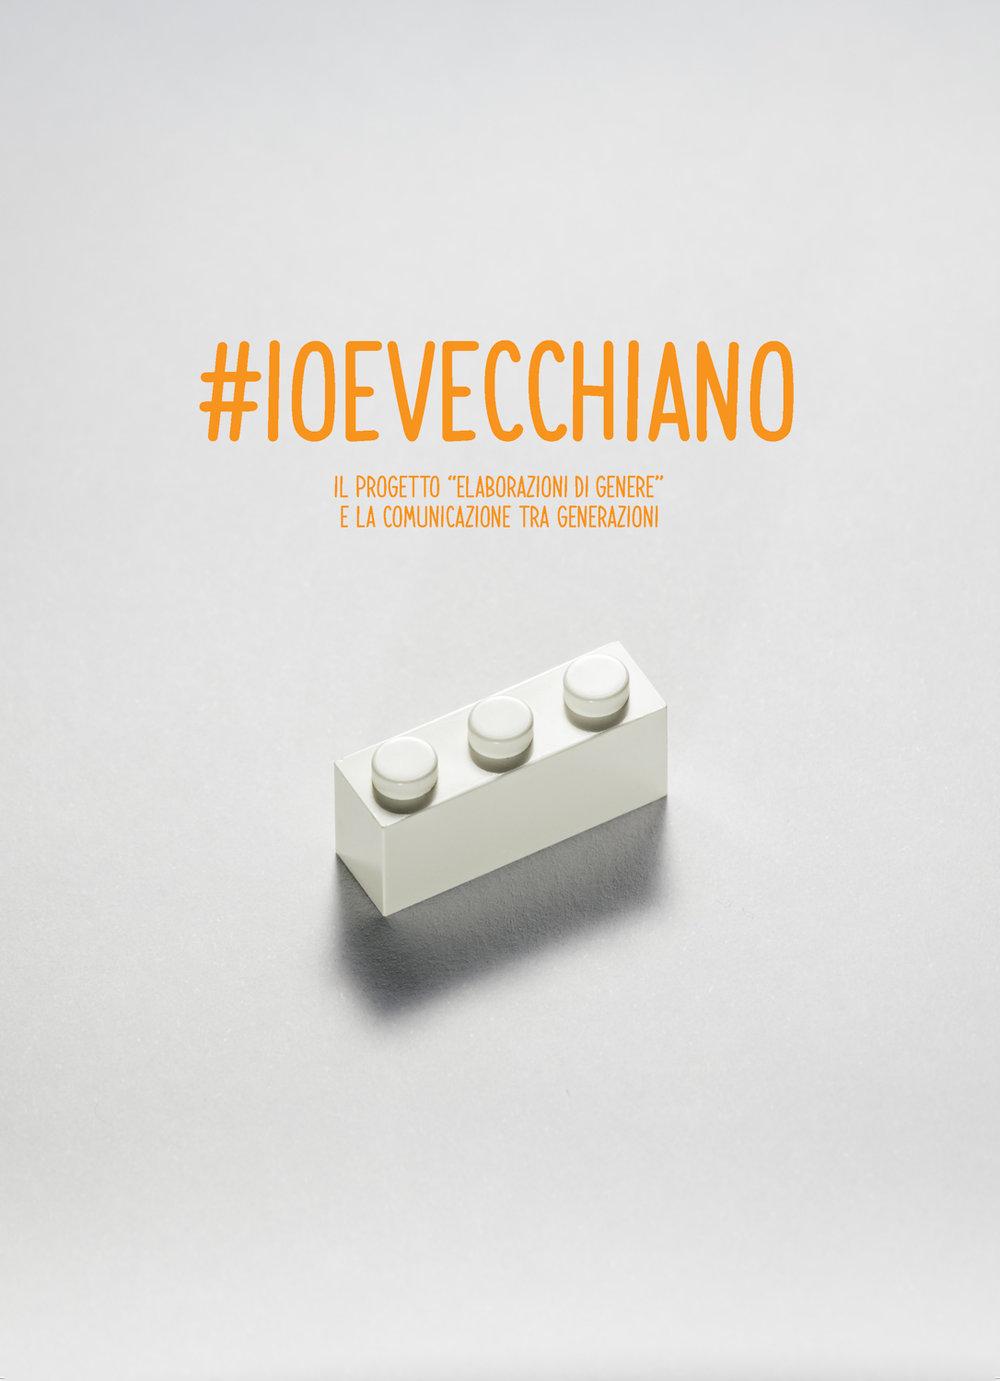 """#ioevecchiano   Il progetto """"elaborazioni di genere"""" e la comunicazione tra generazioni   Graphic Design cover and booklet Guido Mencari   2018"""